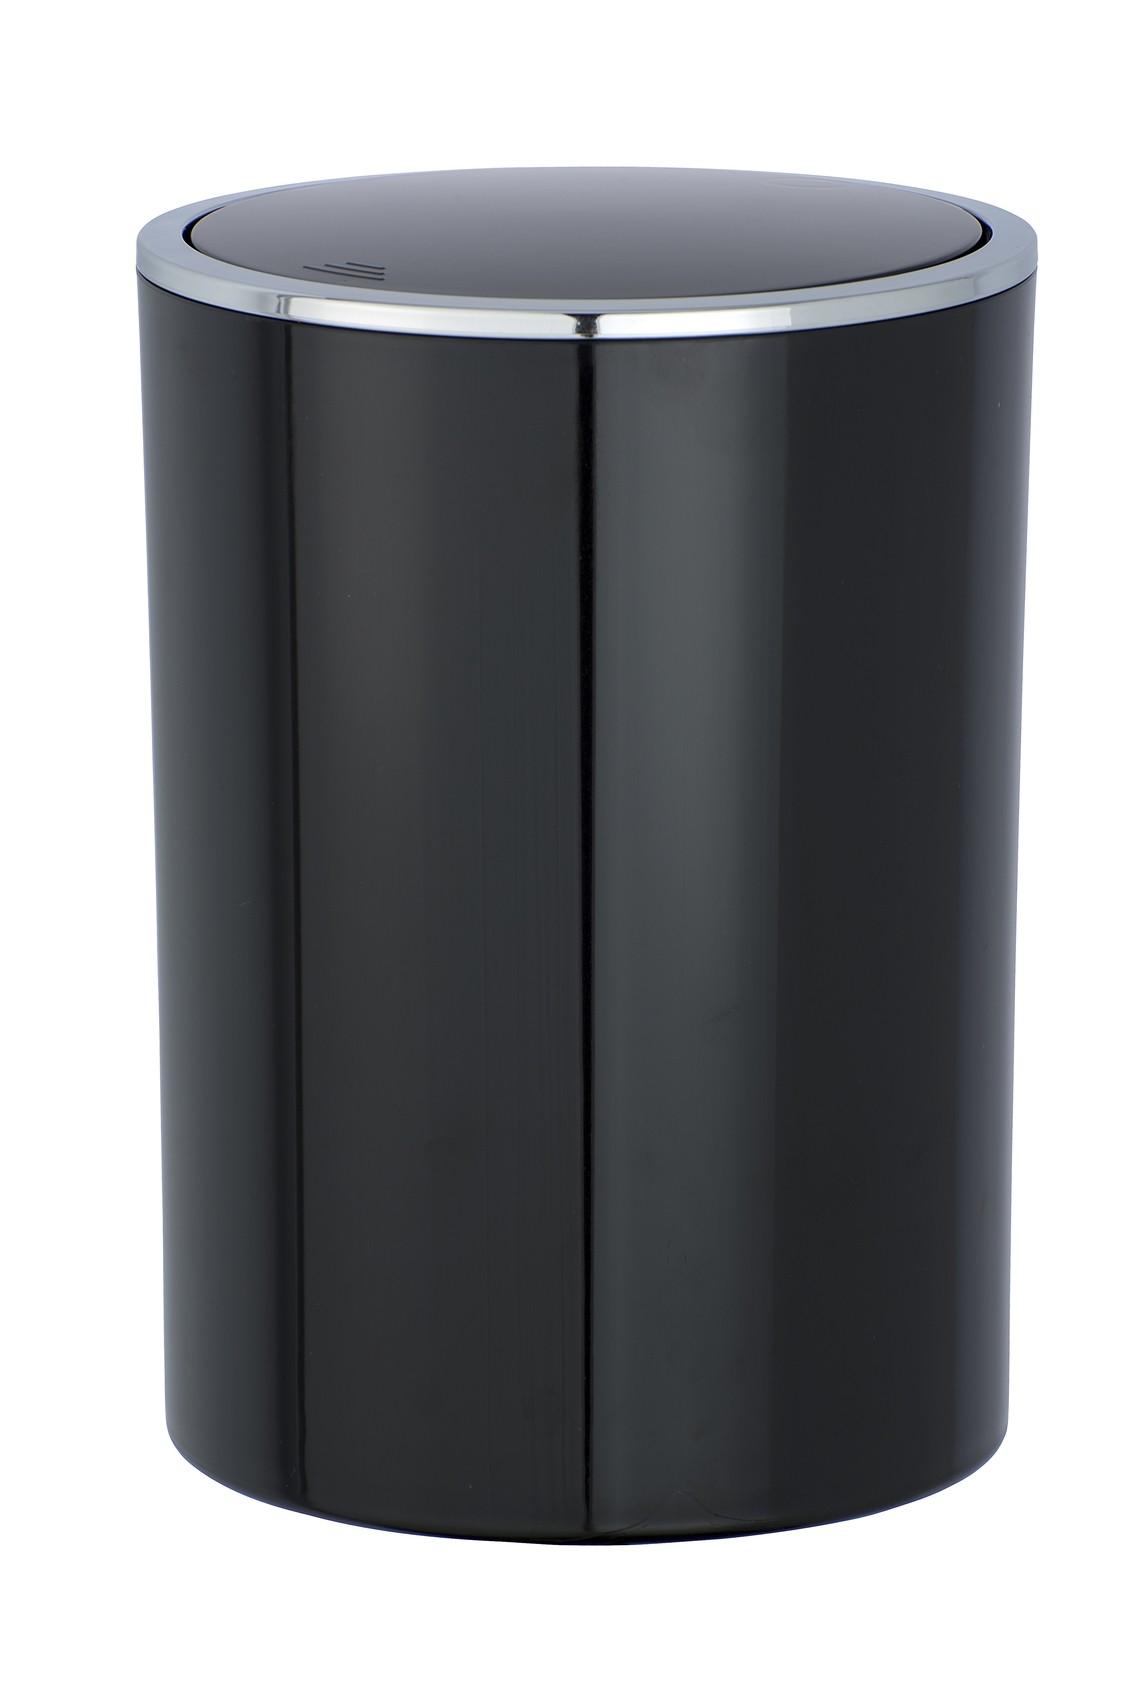 Wenko Schwingdeckeleimer Inca Black, hochwertiger Kunststoff, 5 Liter